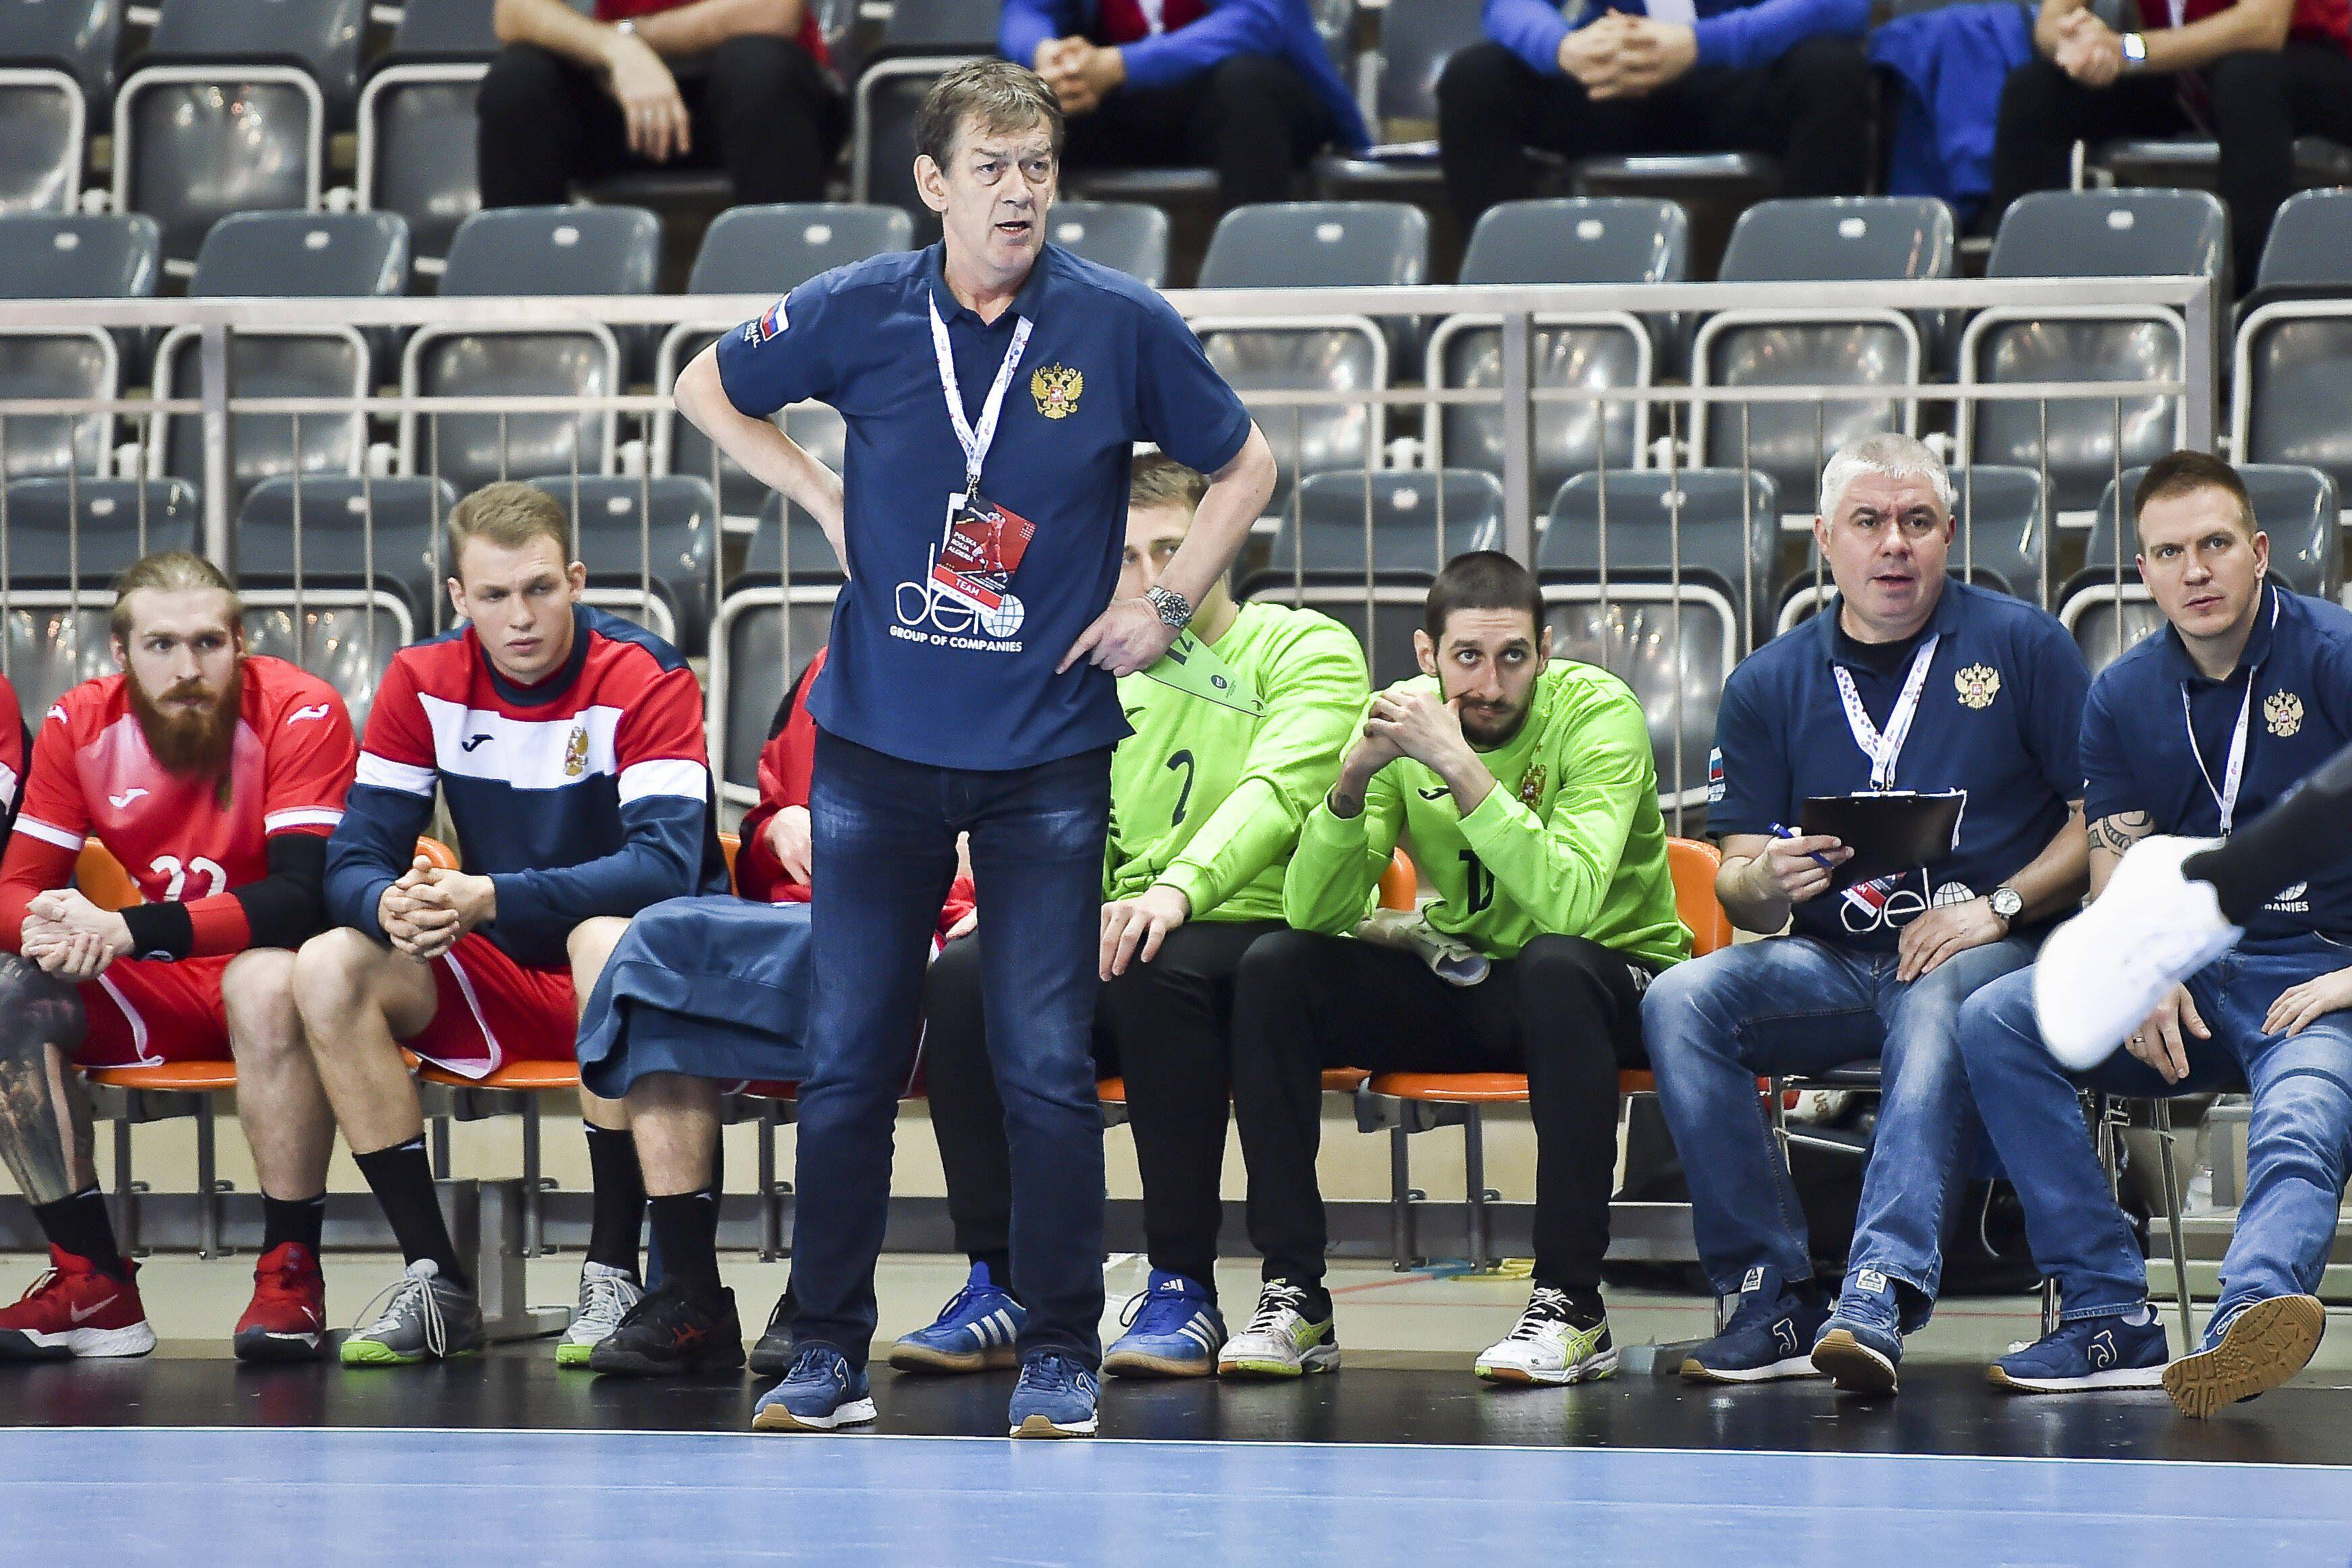 Тренер сборной России по гандболу — о ЧМ: 'Герб и флаг России будут под футболками, мы их будем чувствовать'